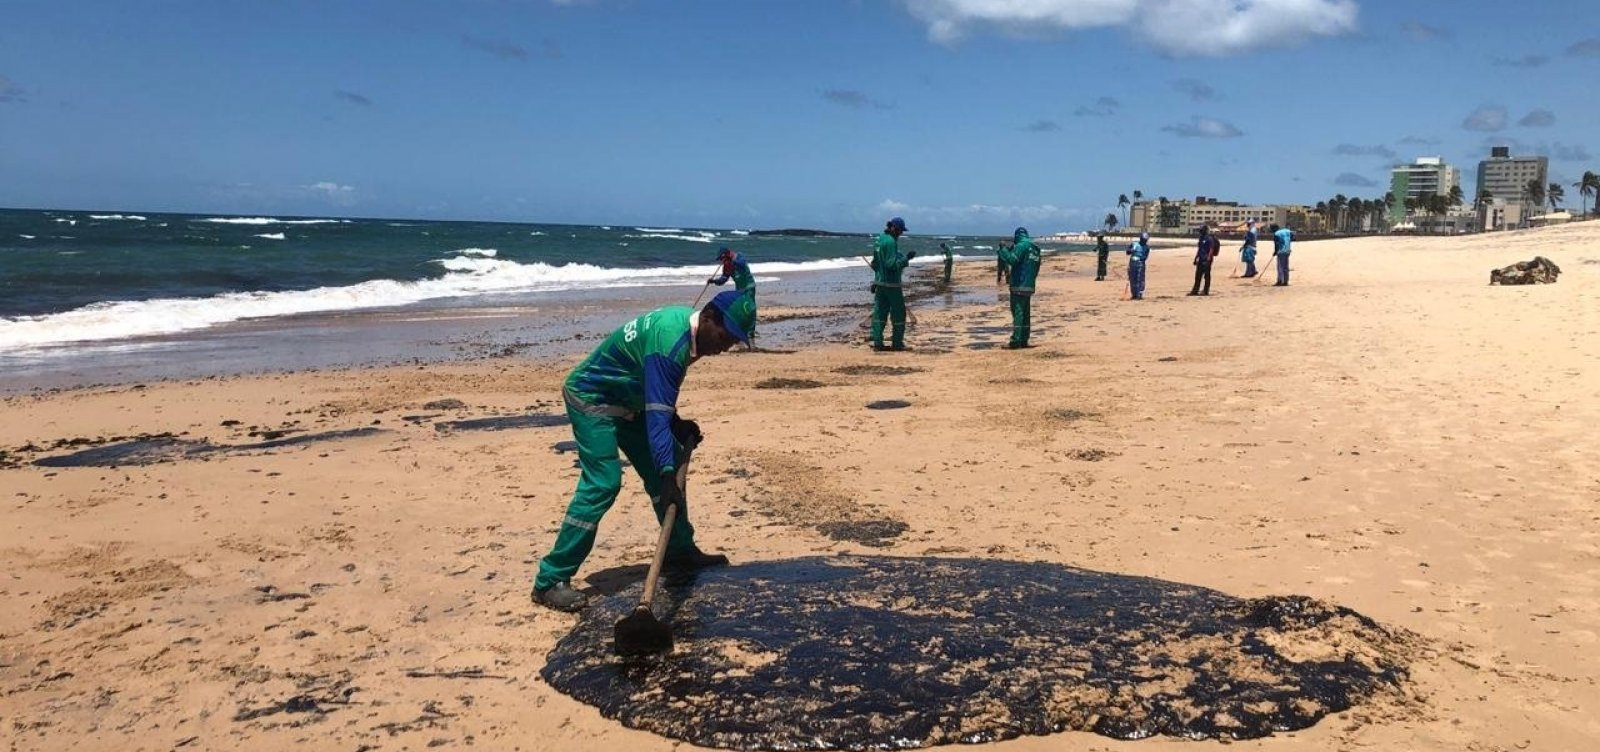 Estudo da UFRJ localiza origem de vazamento de petróleo cru no mar